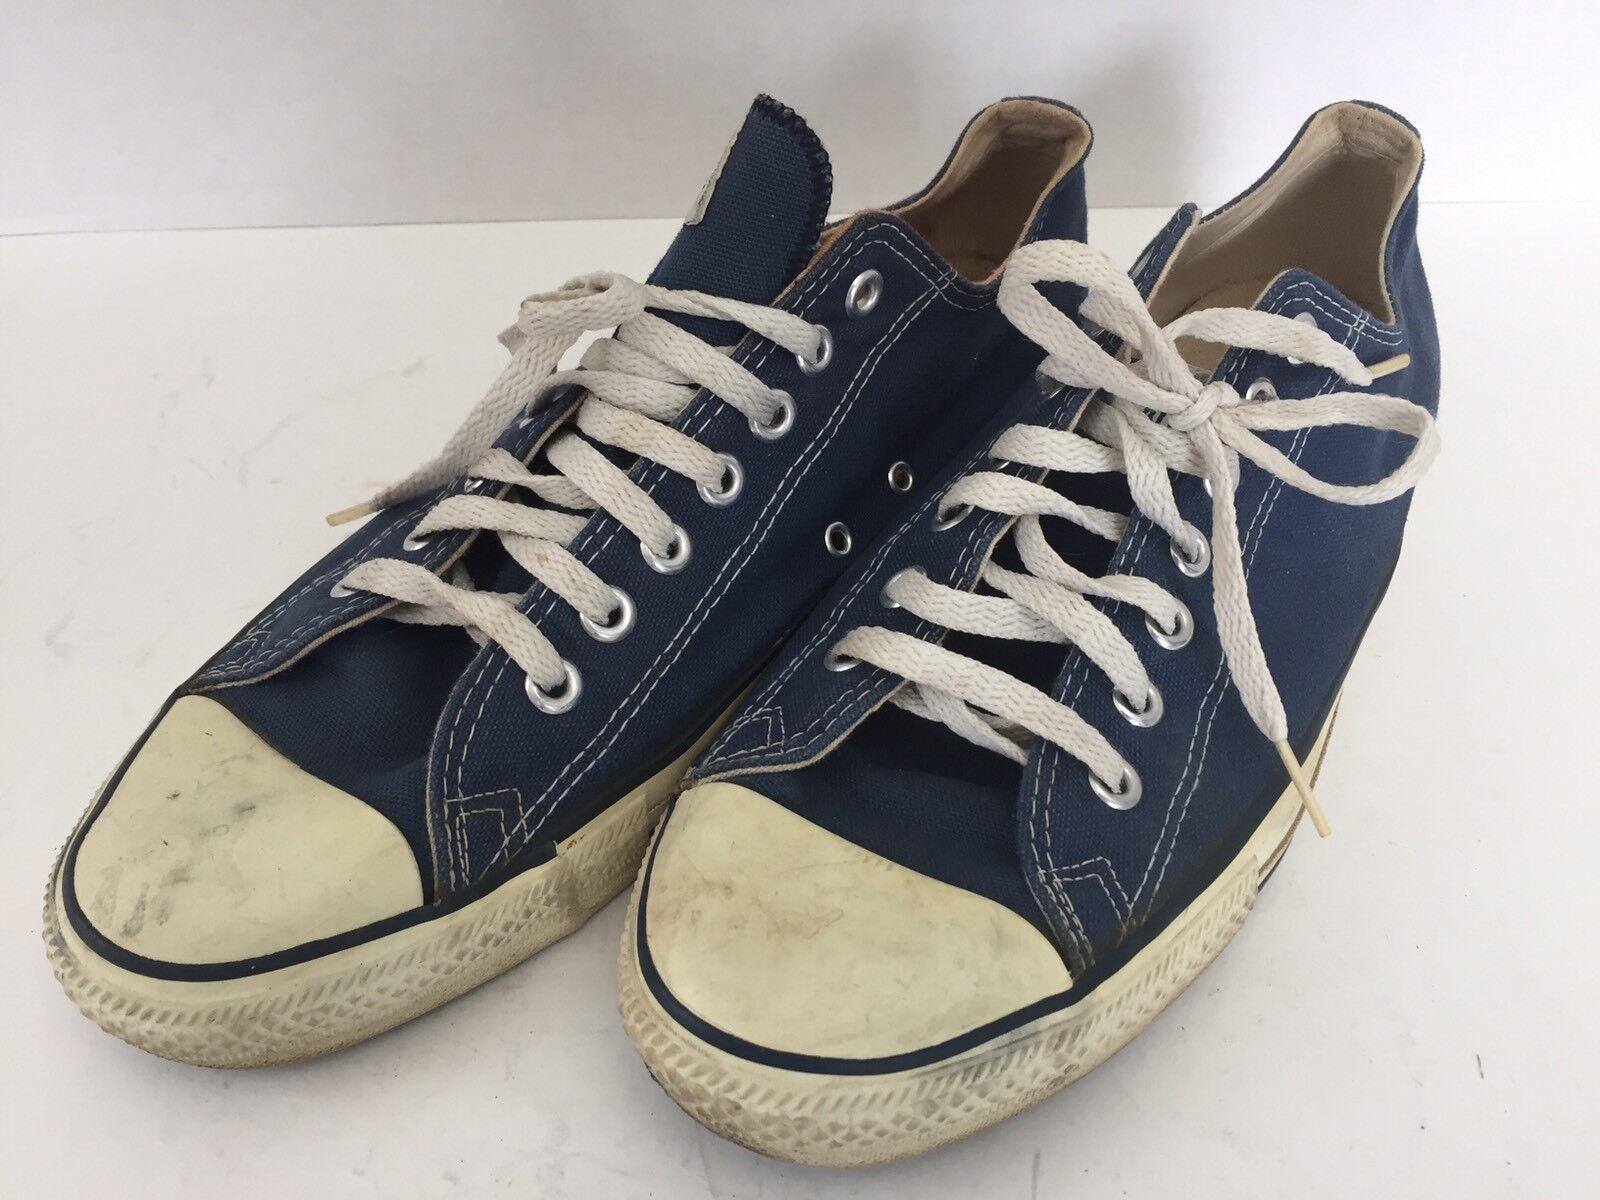 Vintage Converse tutti estrella blu Canvas Low Top sautope da ginnastica Dimensione 11 Chuck Taylor USA Sautope classeiche da uomo